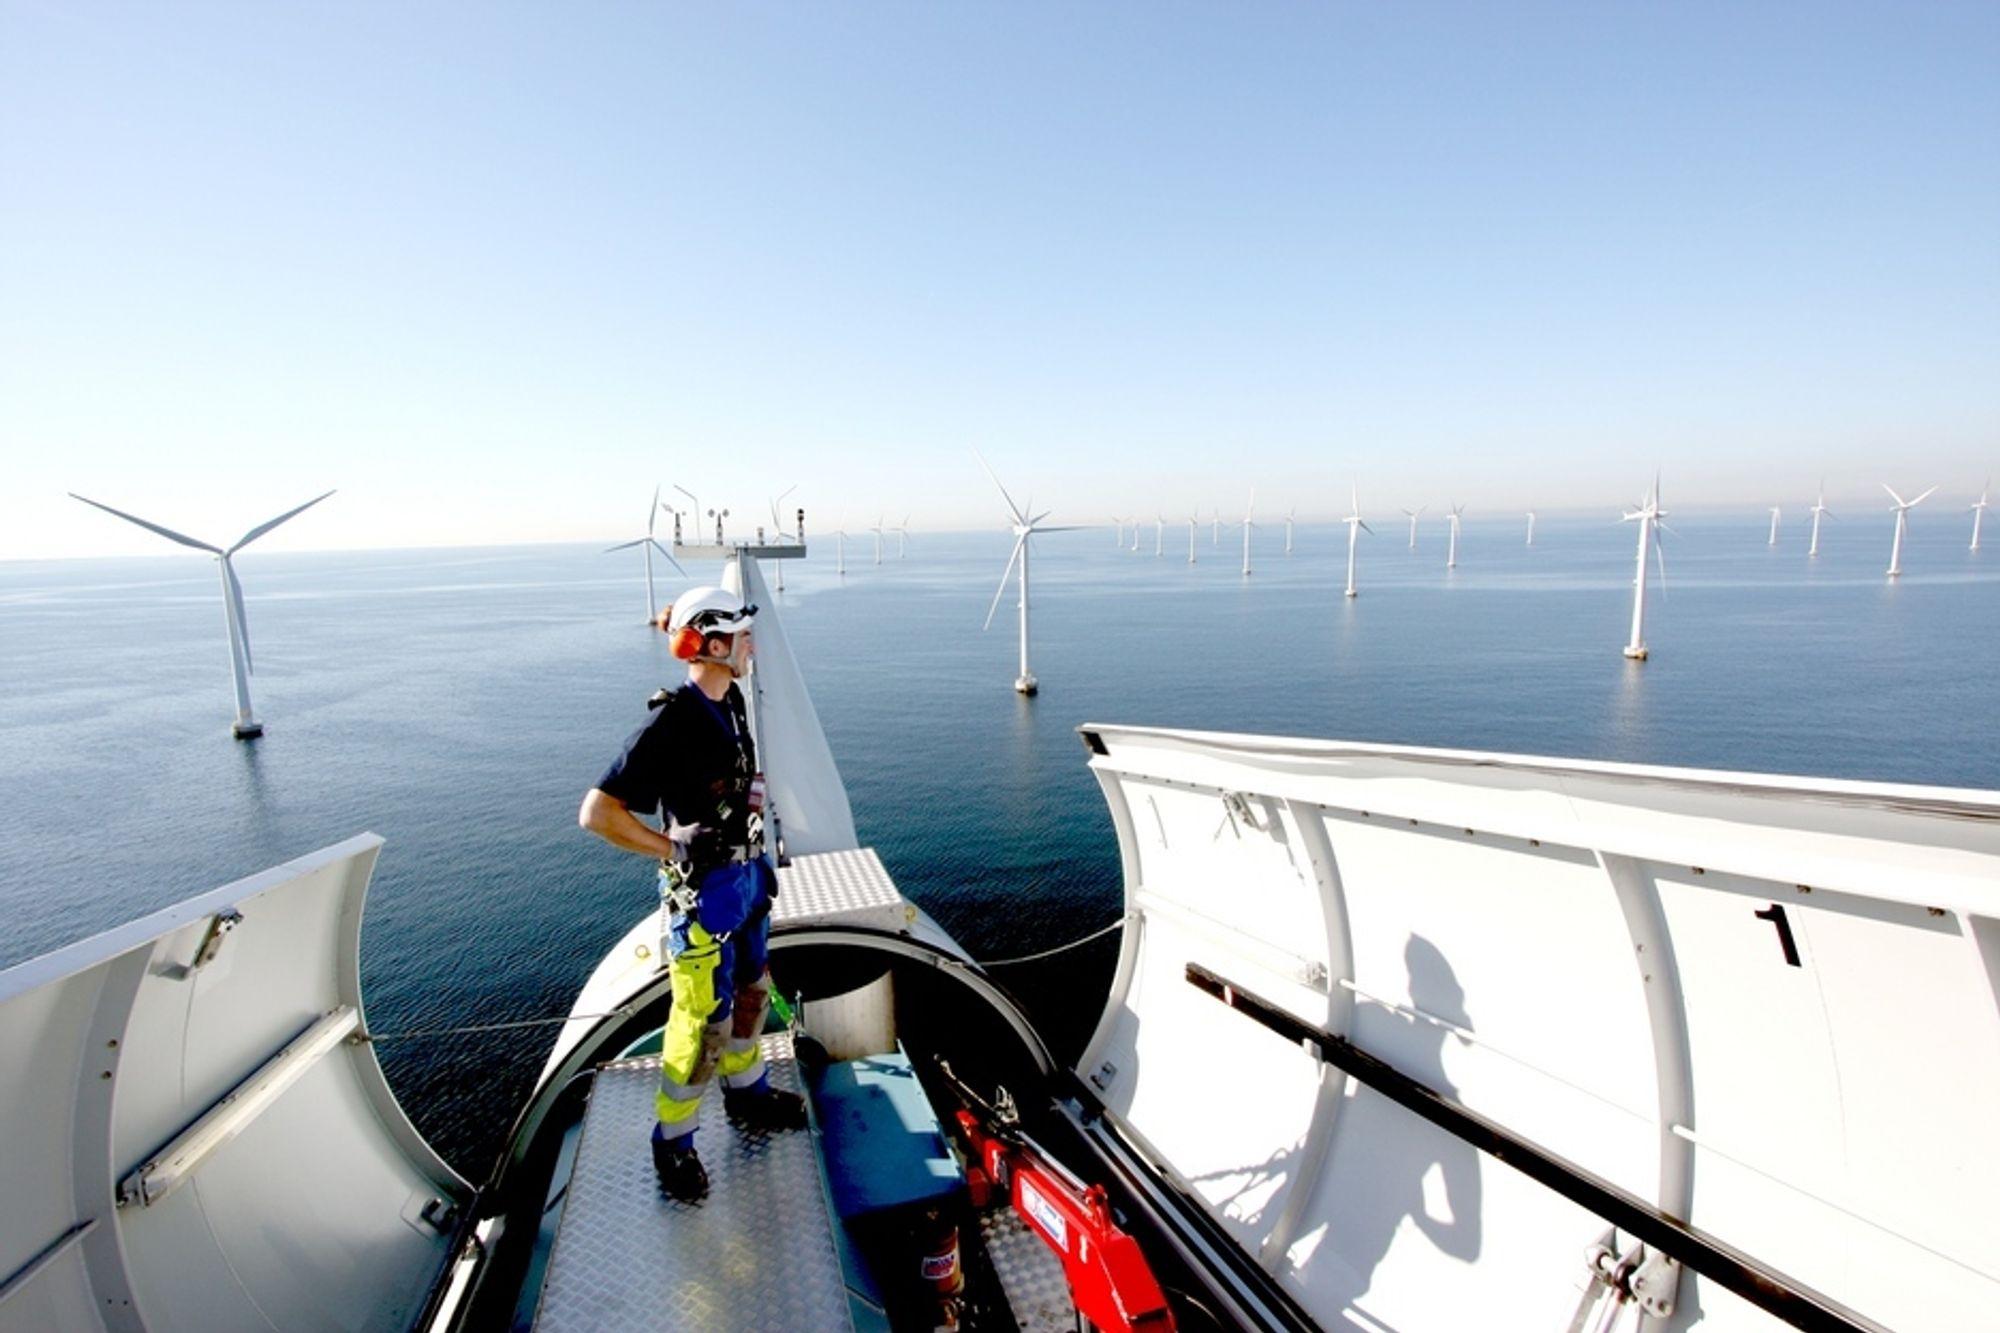 UT MOT HAVET: Britene satser stort på havvind, og Statkraft og Statoil er med. Dette bildet er fra den svenske havvindparken Lillgrund utenfor Malmø.